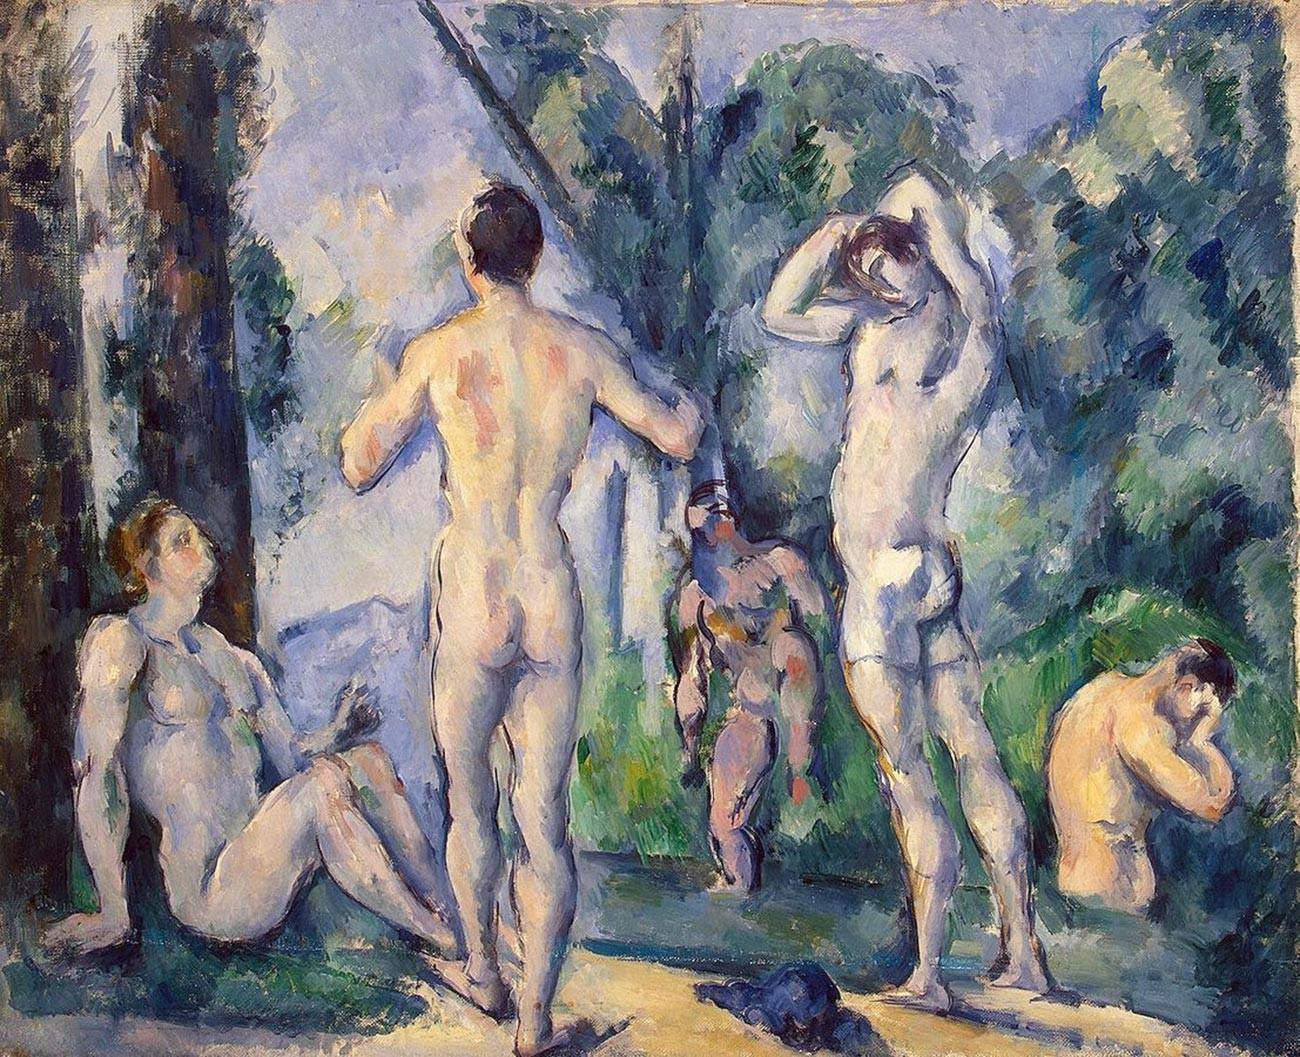 Paul Cezanne. Baigneuses